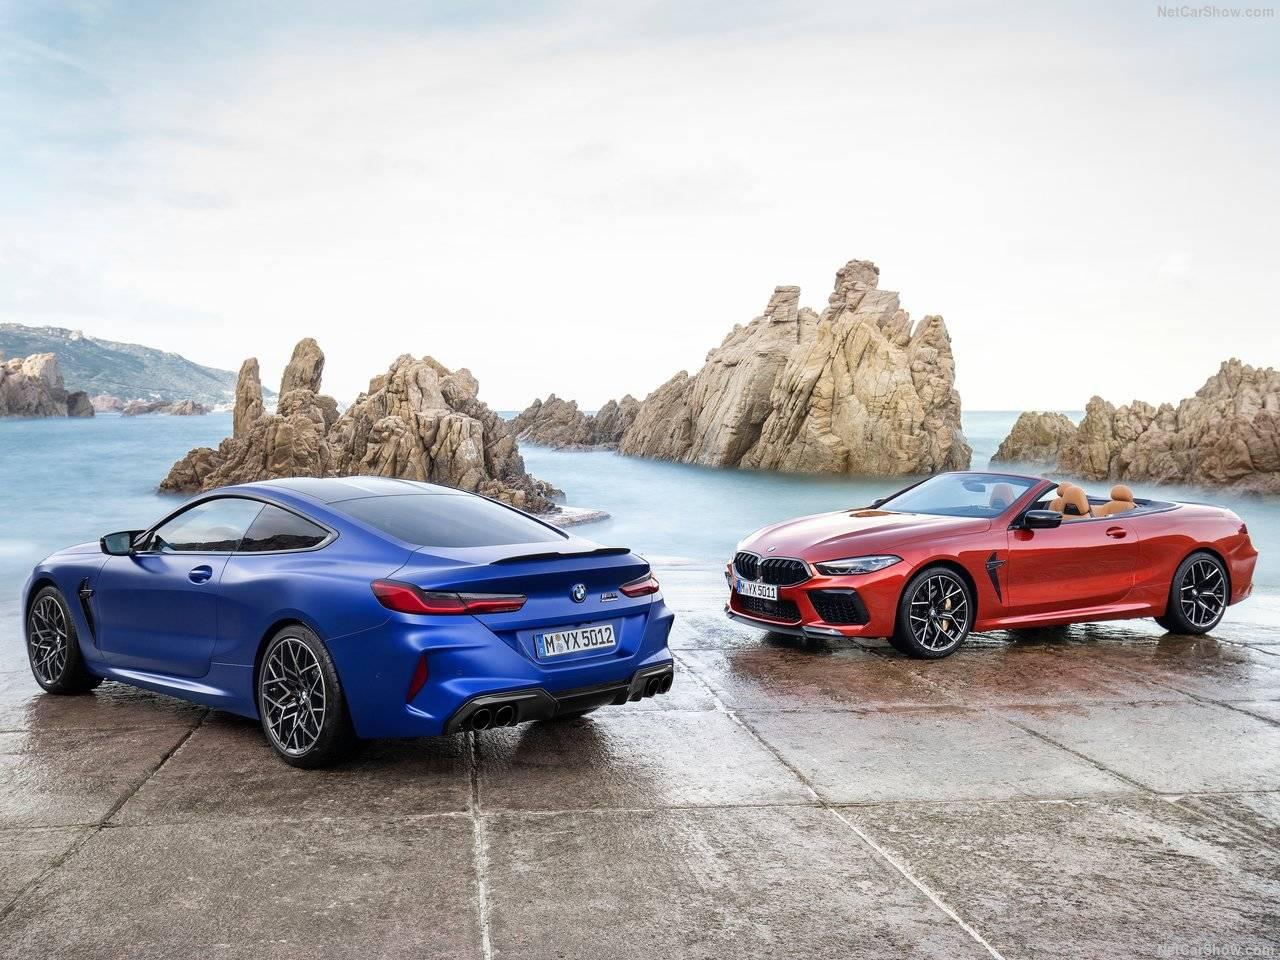 BMW 新型M8 クーペ&コンバーチブル登場、M独自の新装備満載!